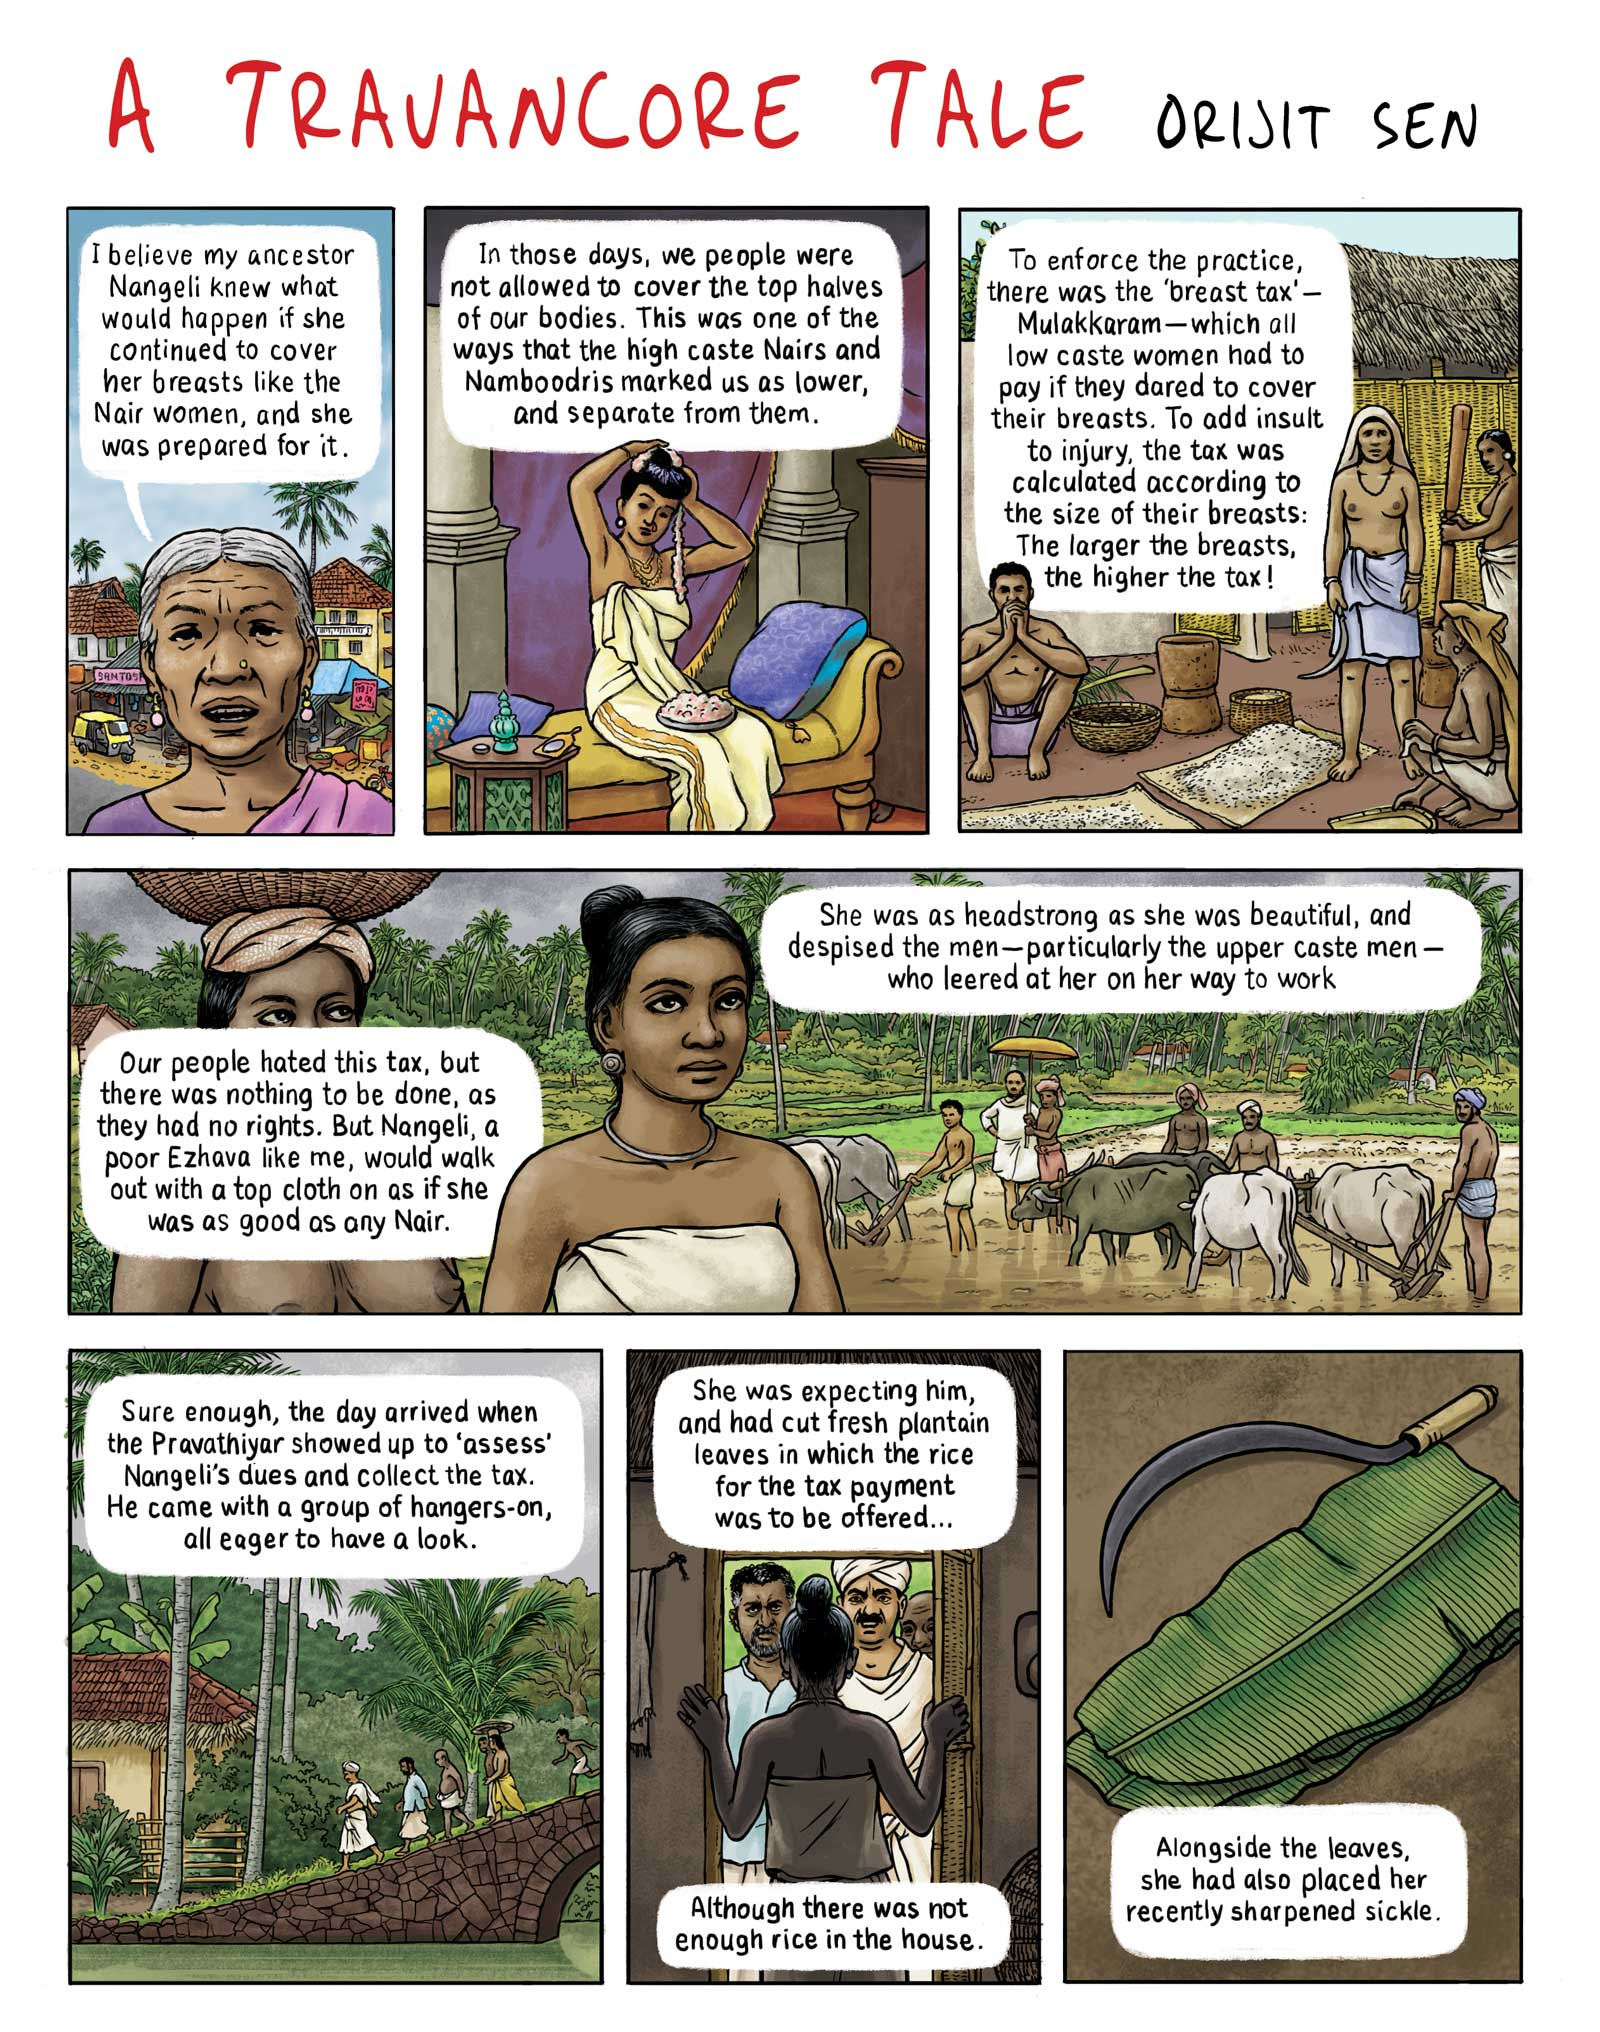 Travancore Tale by Orijit Sen